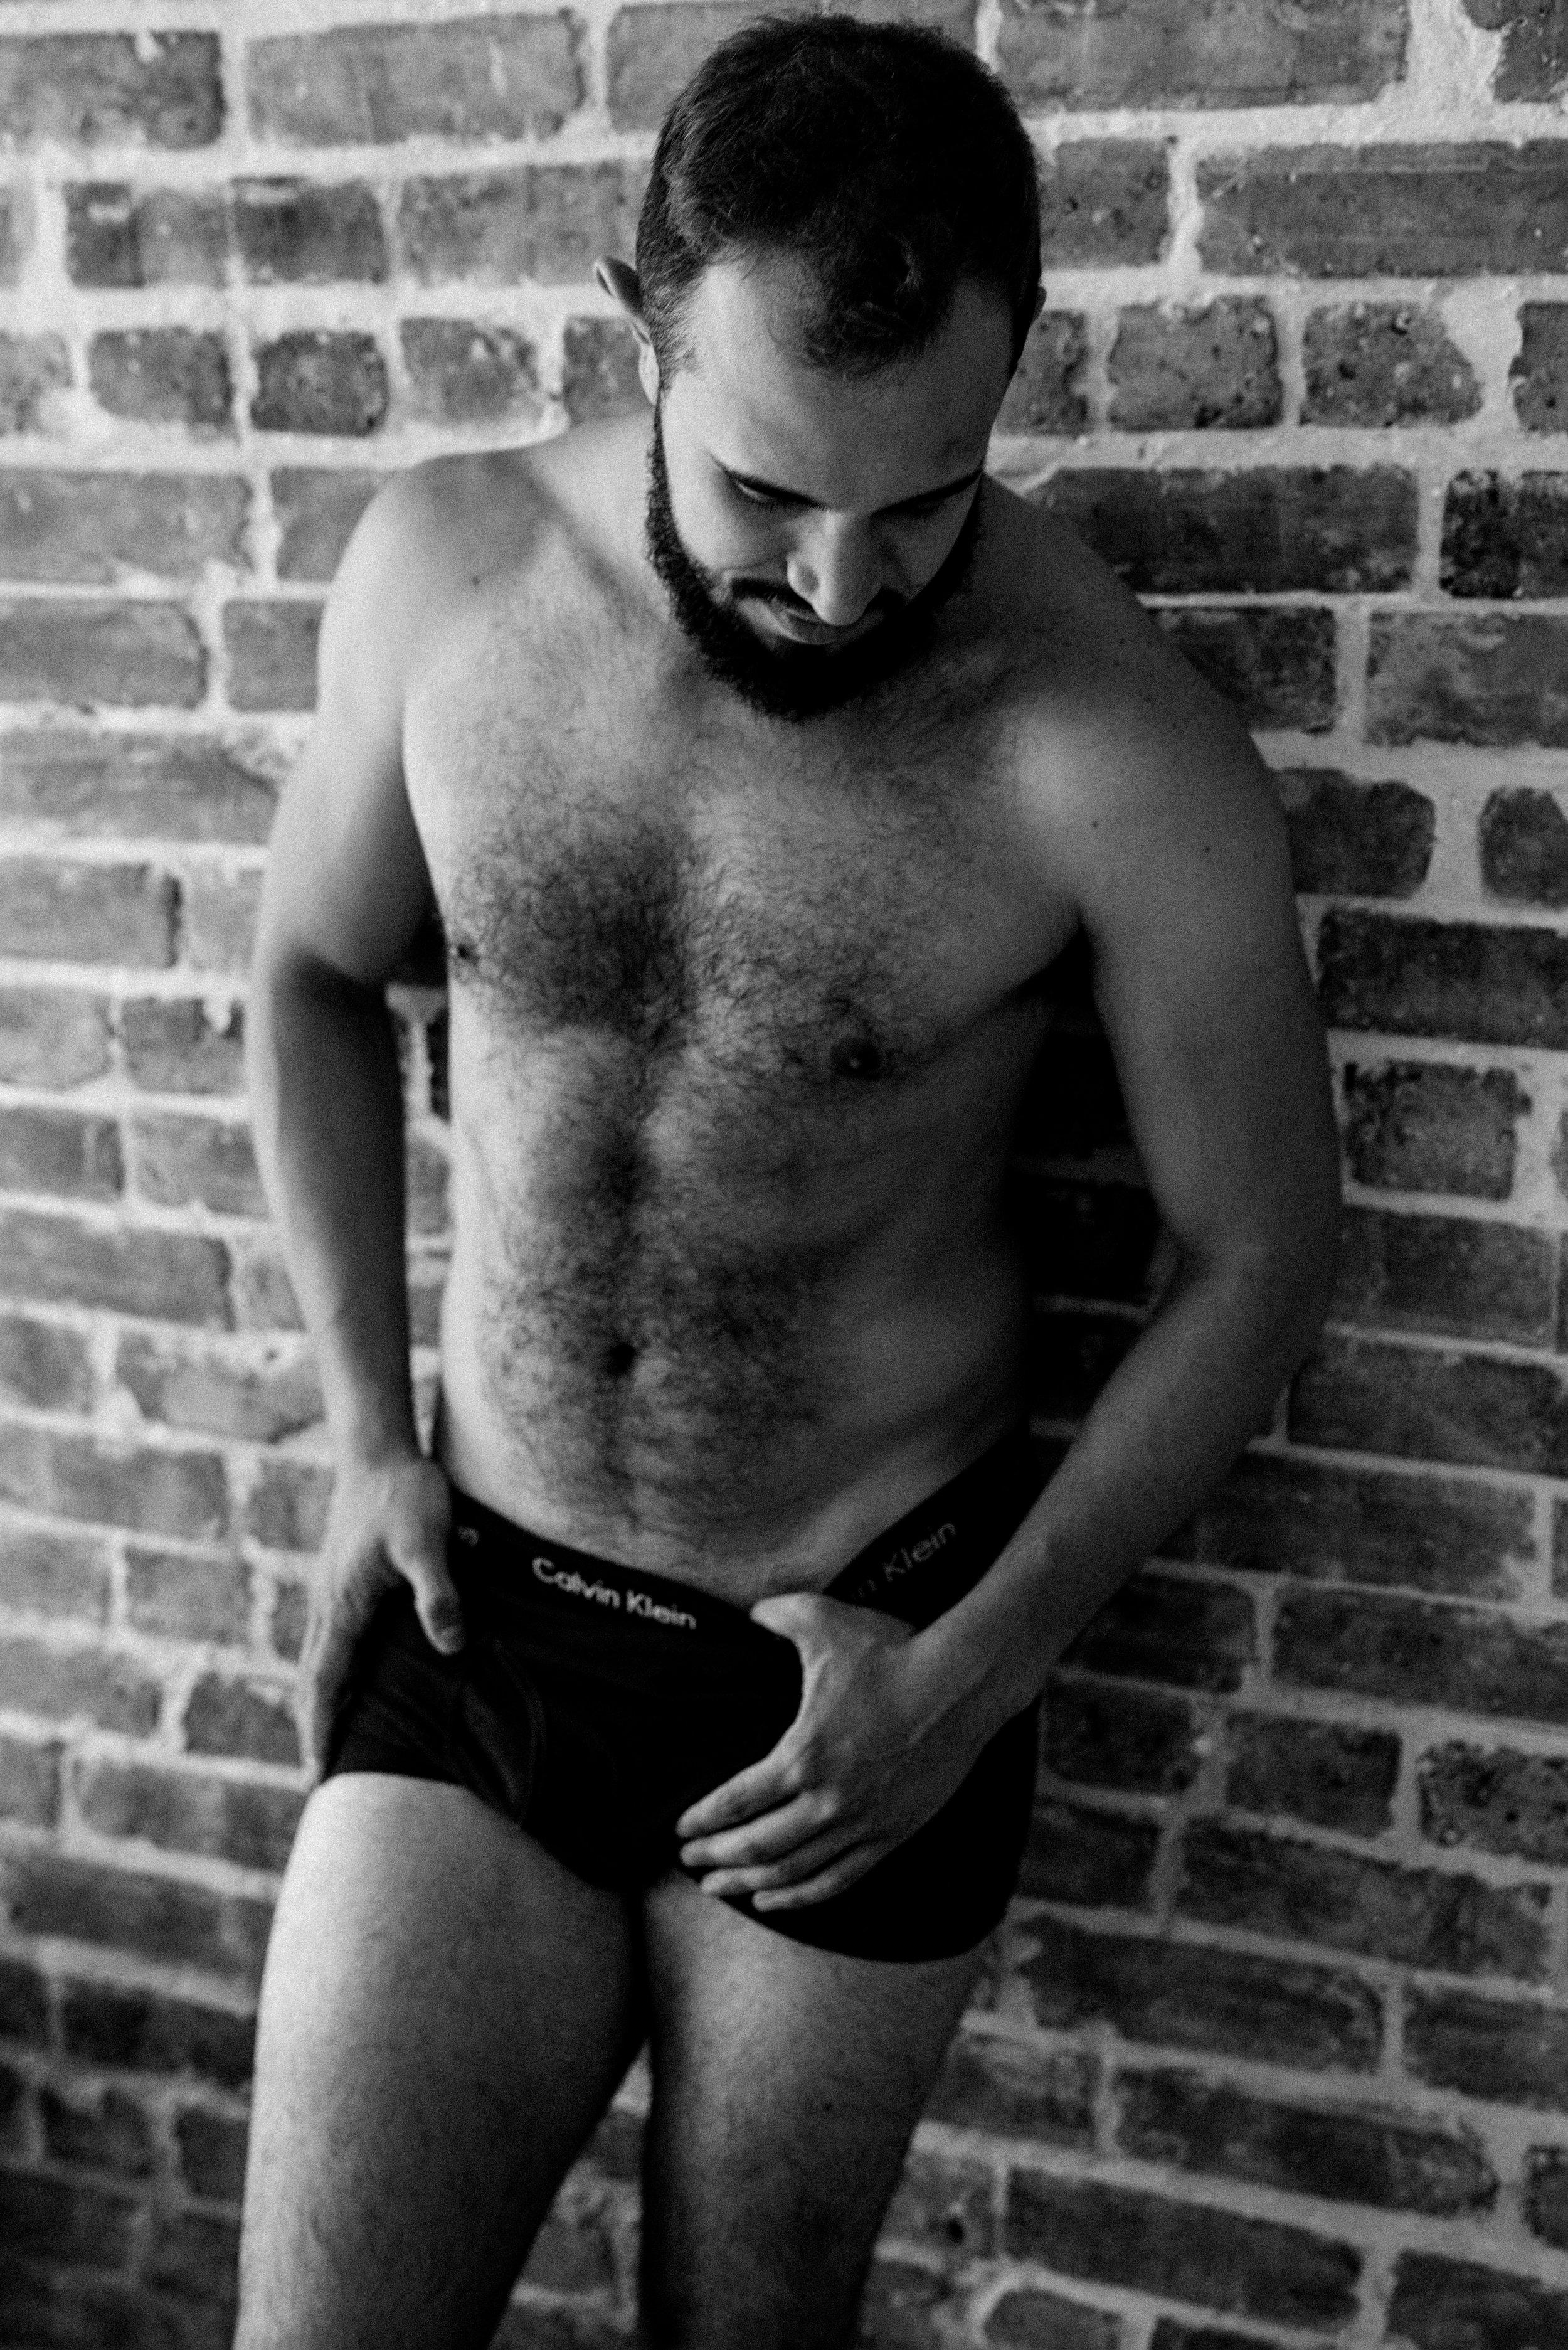 JTNoirStudios_Andres_Male_Boudoir_Portraits_Blackandwhite-8-2.jpg